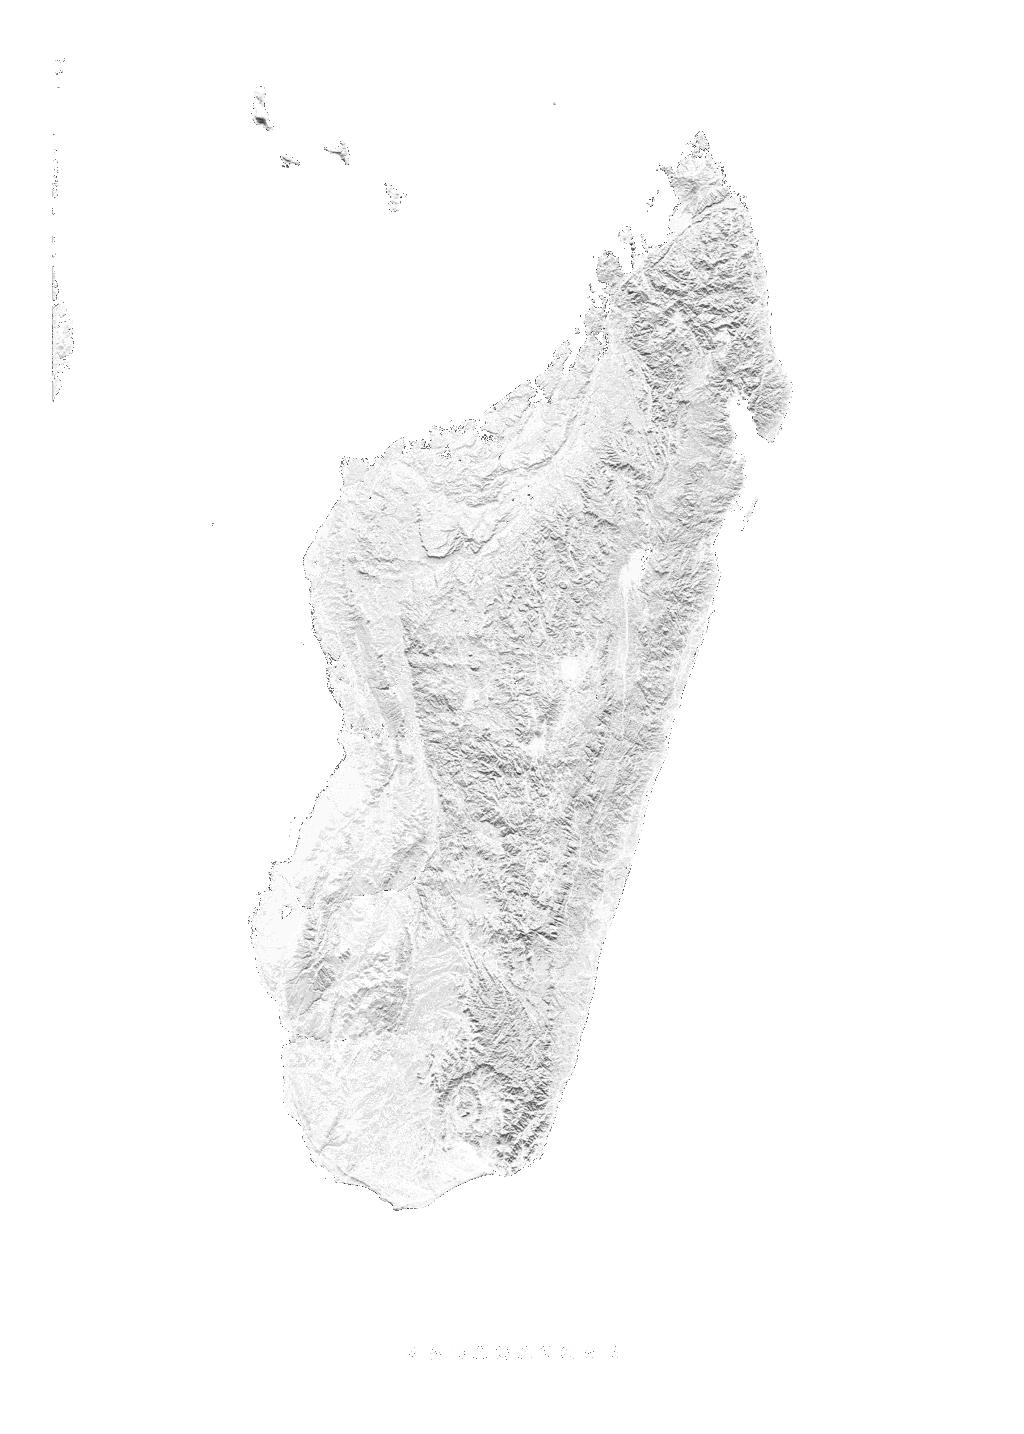 Madagascar wall map